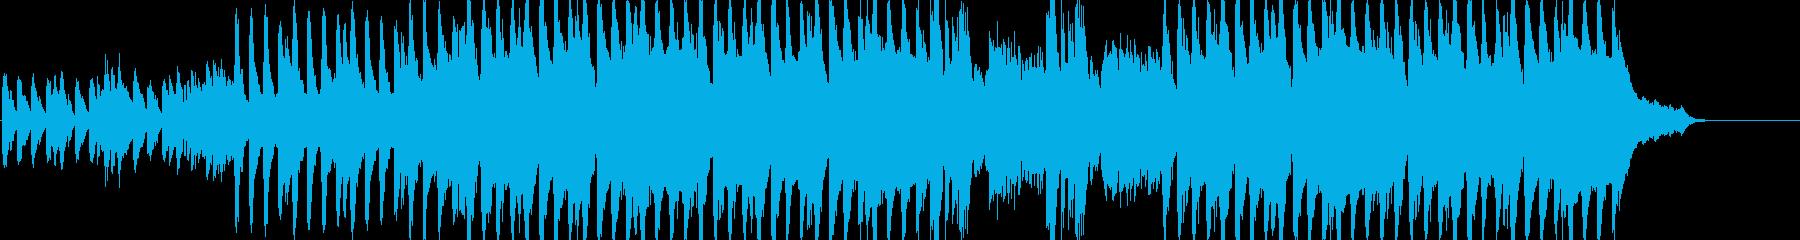 不気味で可愛いホラーオーケストラの再生済みの波形